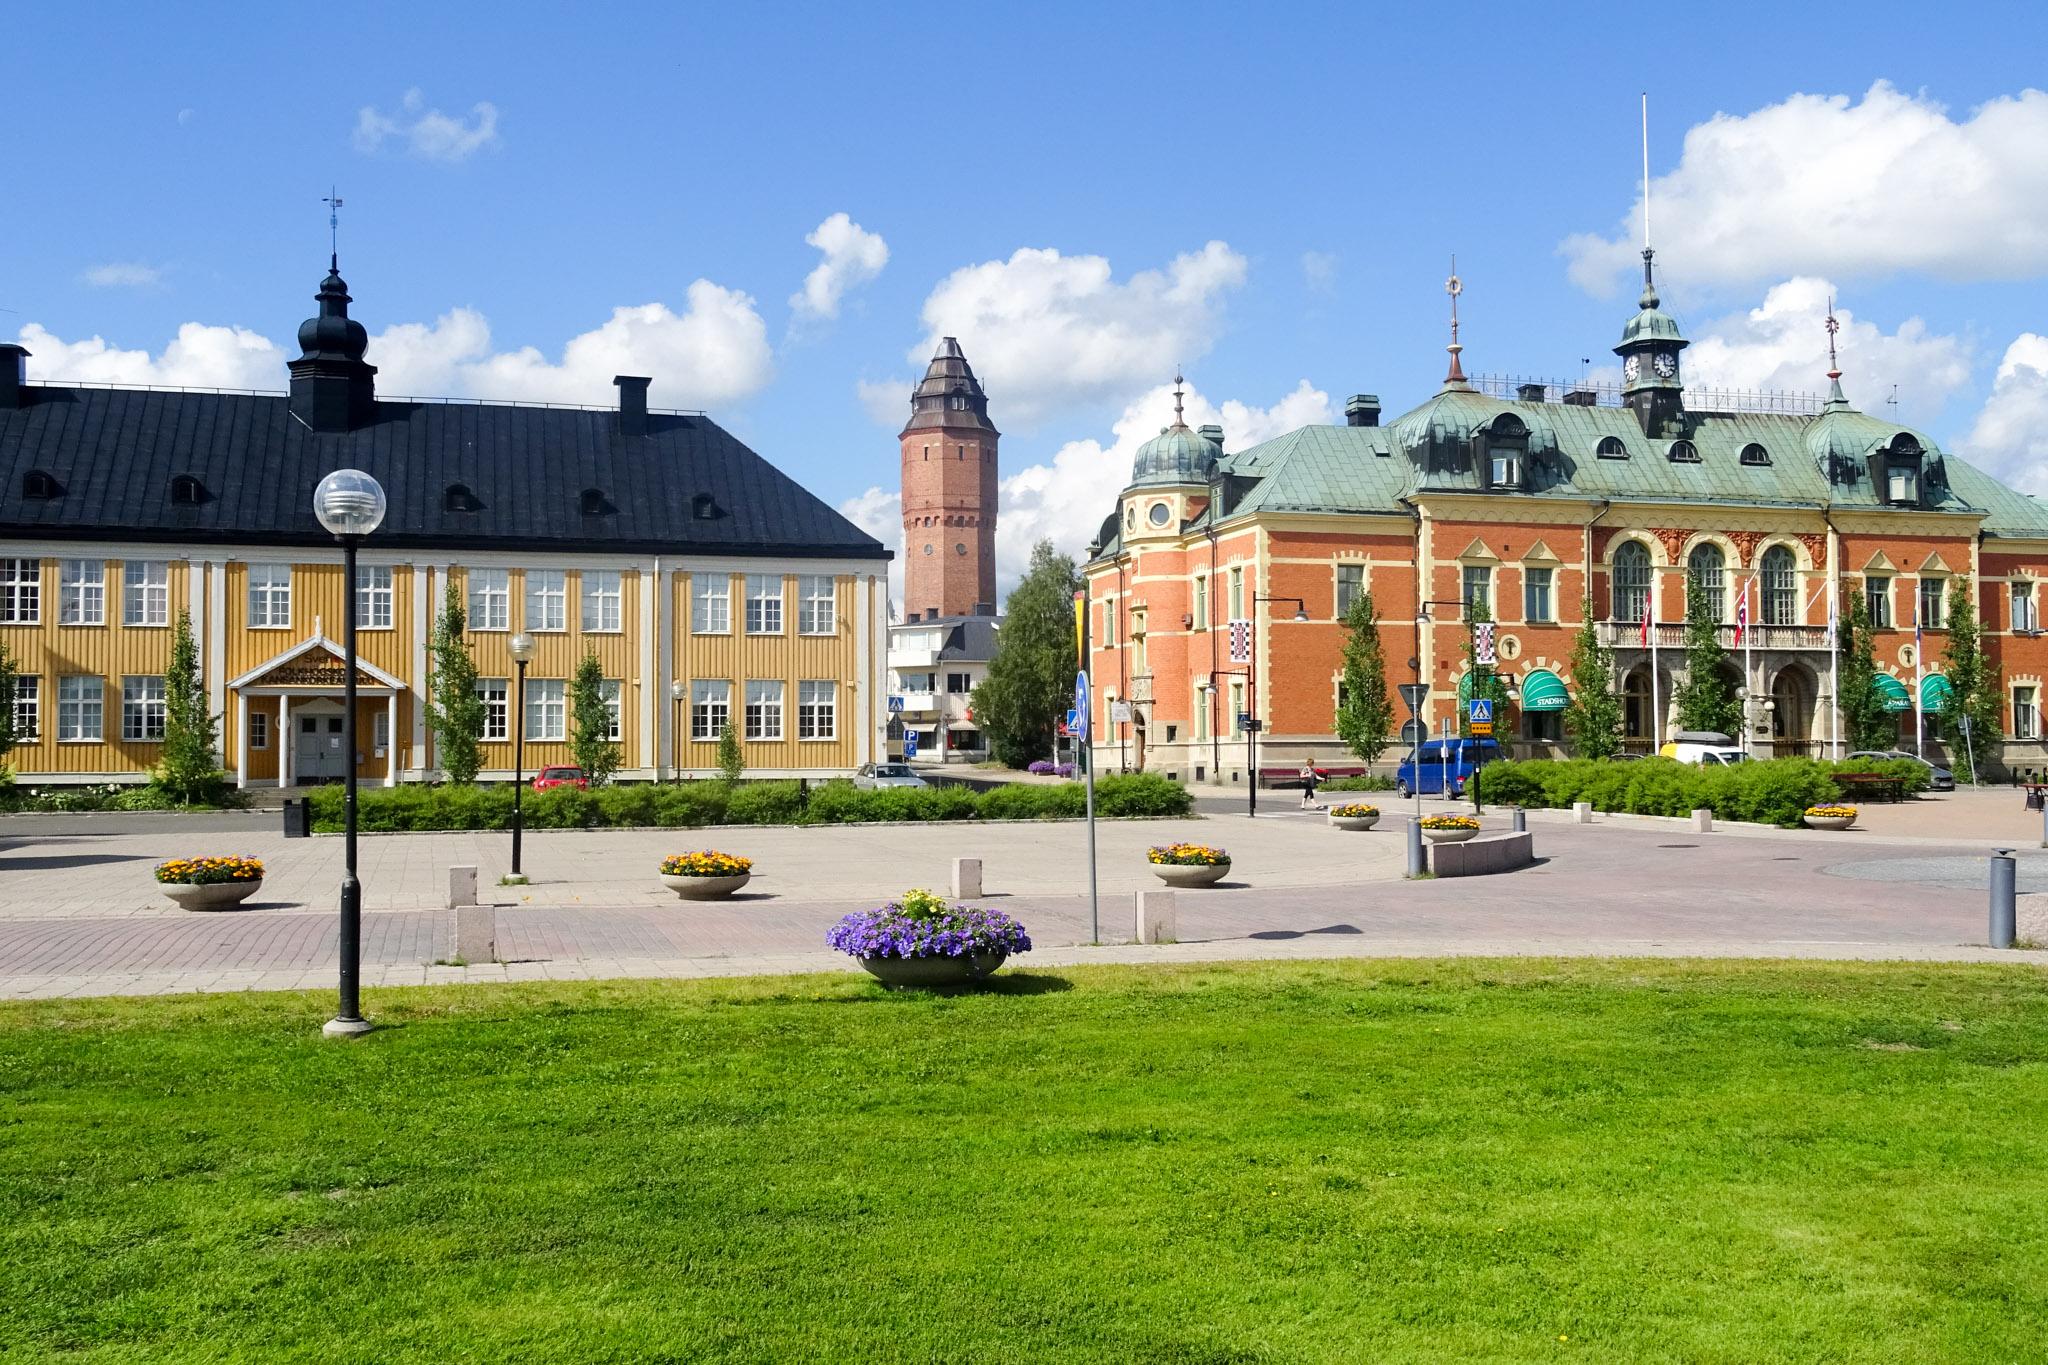 Haparand mit Wasserturm, Volkshochschule und Stadthotel